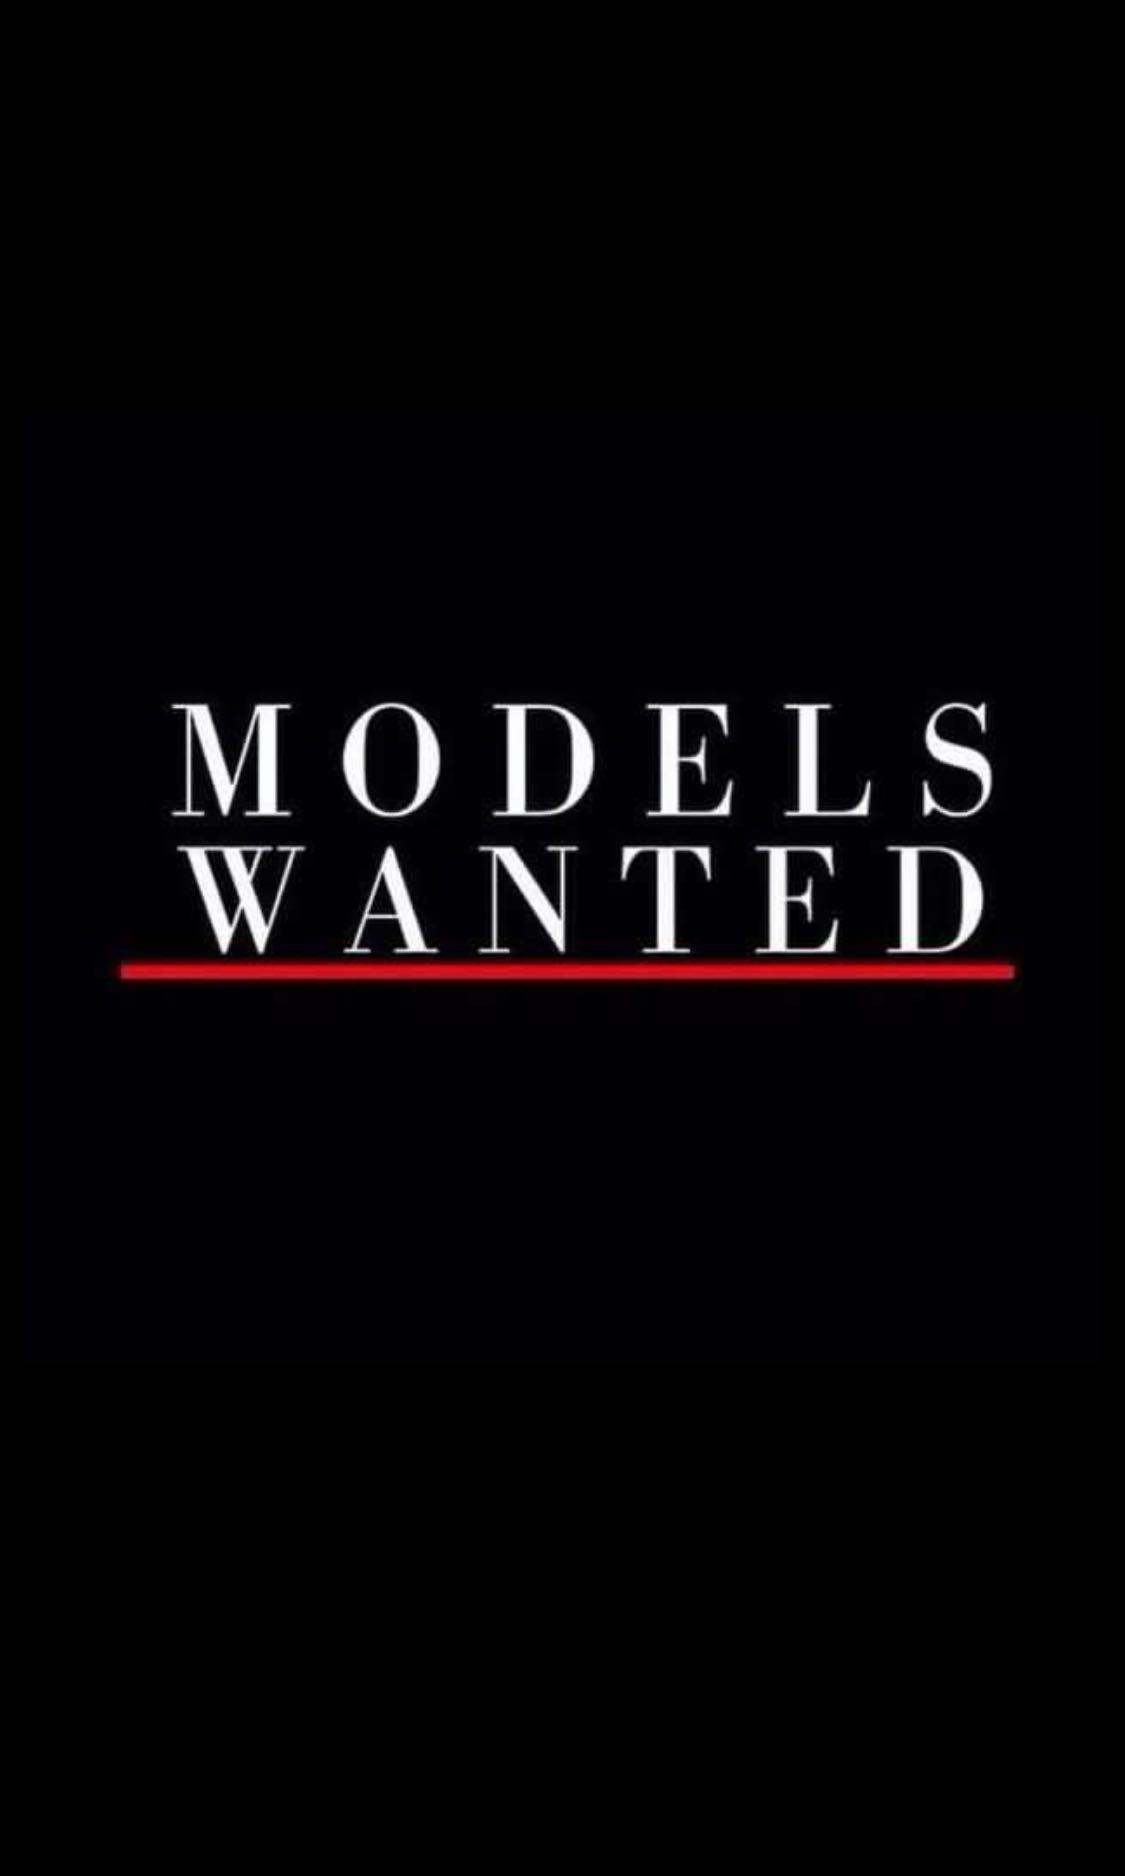 Female Model Needed